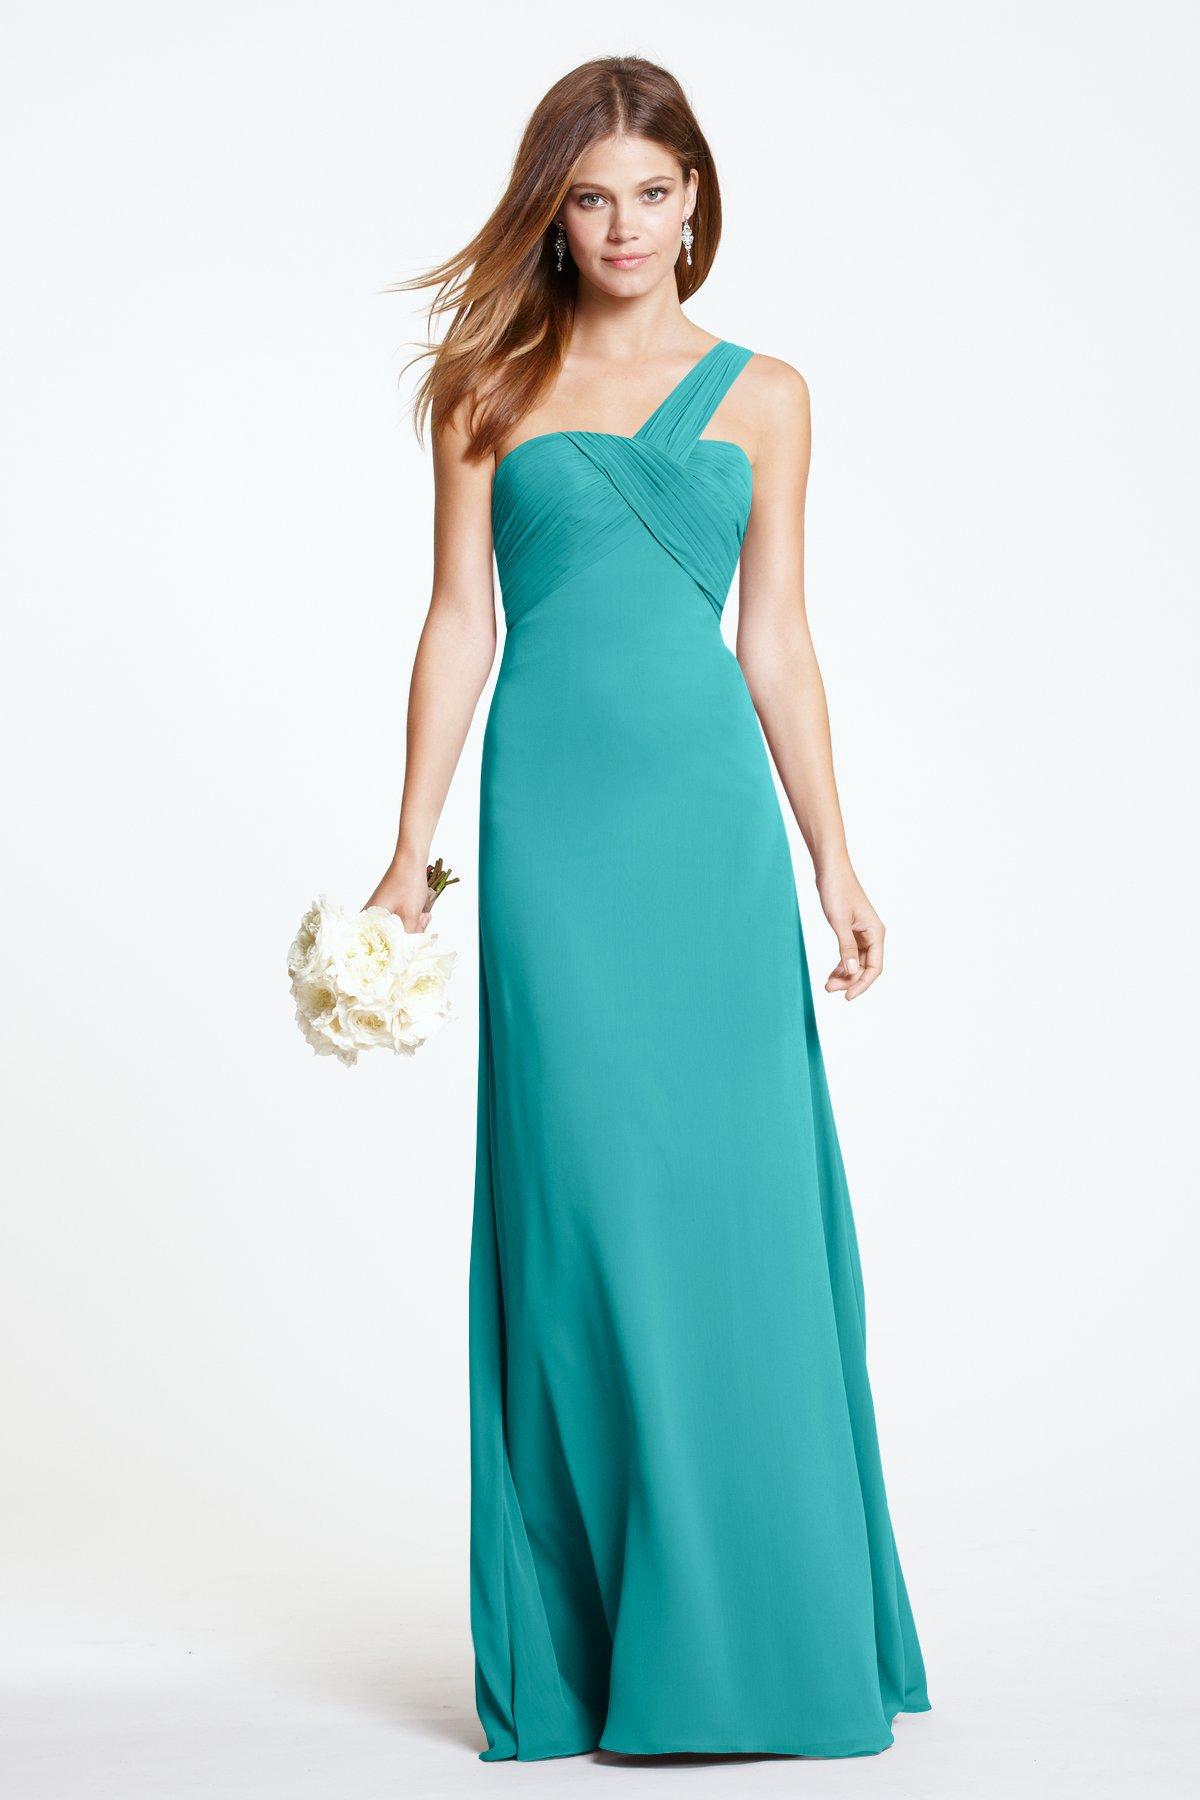 Aqua Long One Shoulder Simple Bridesmaid dress